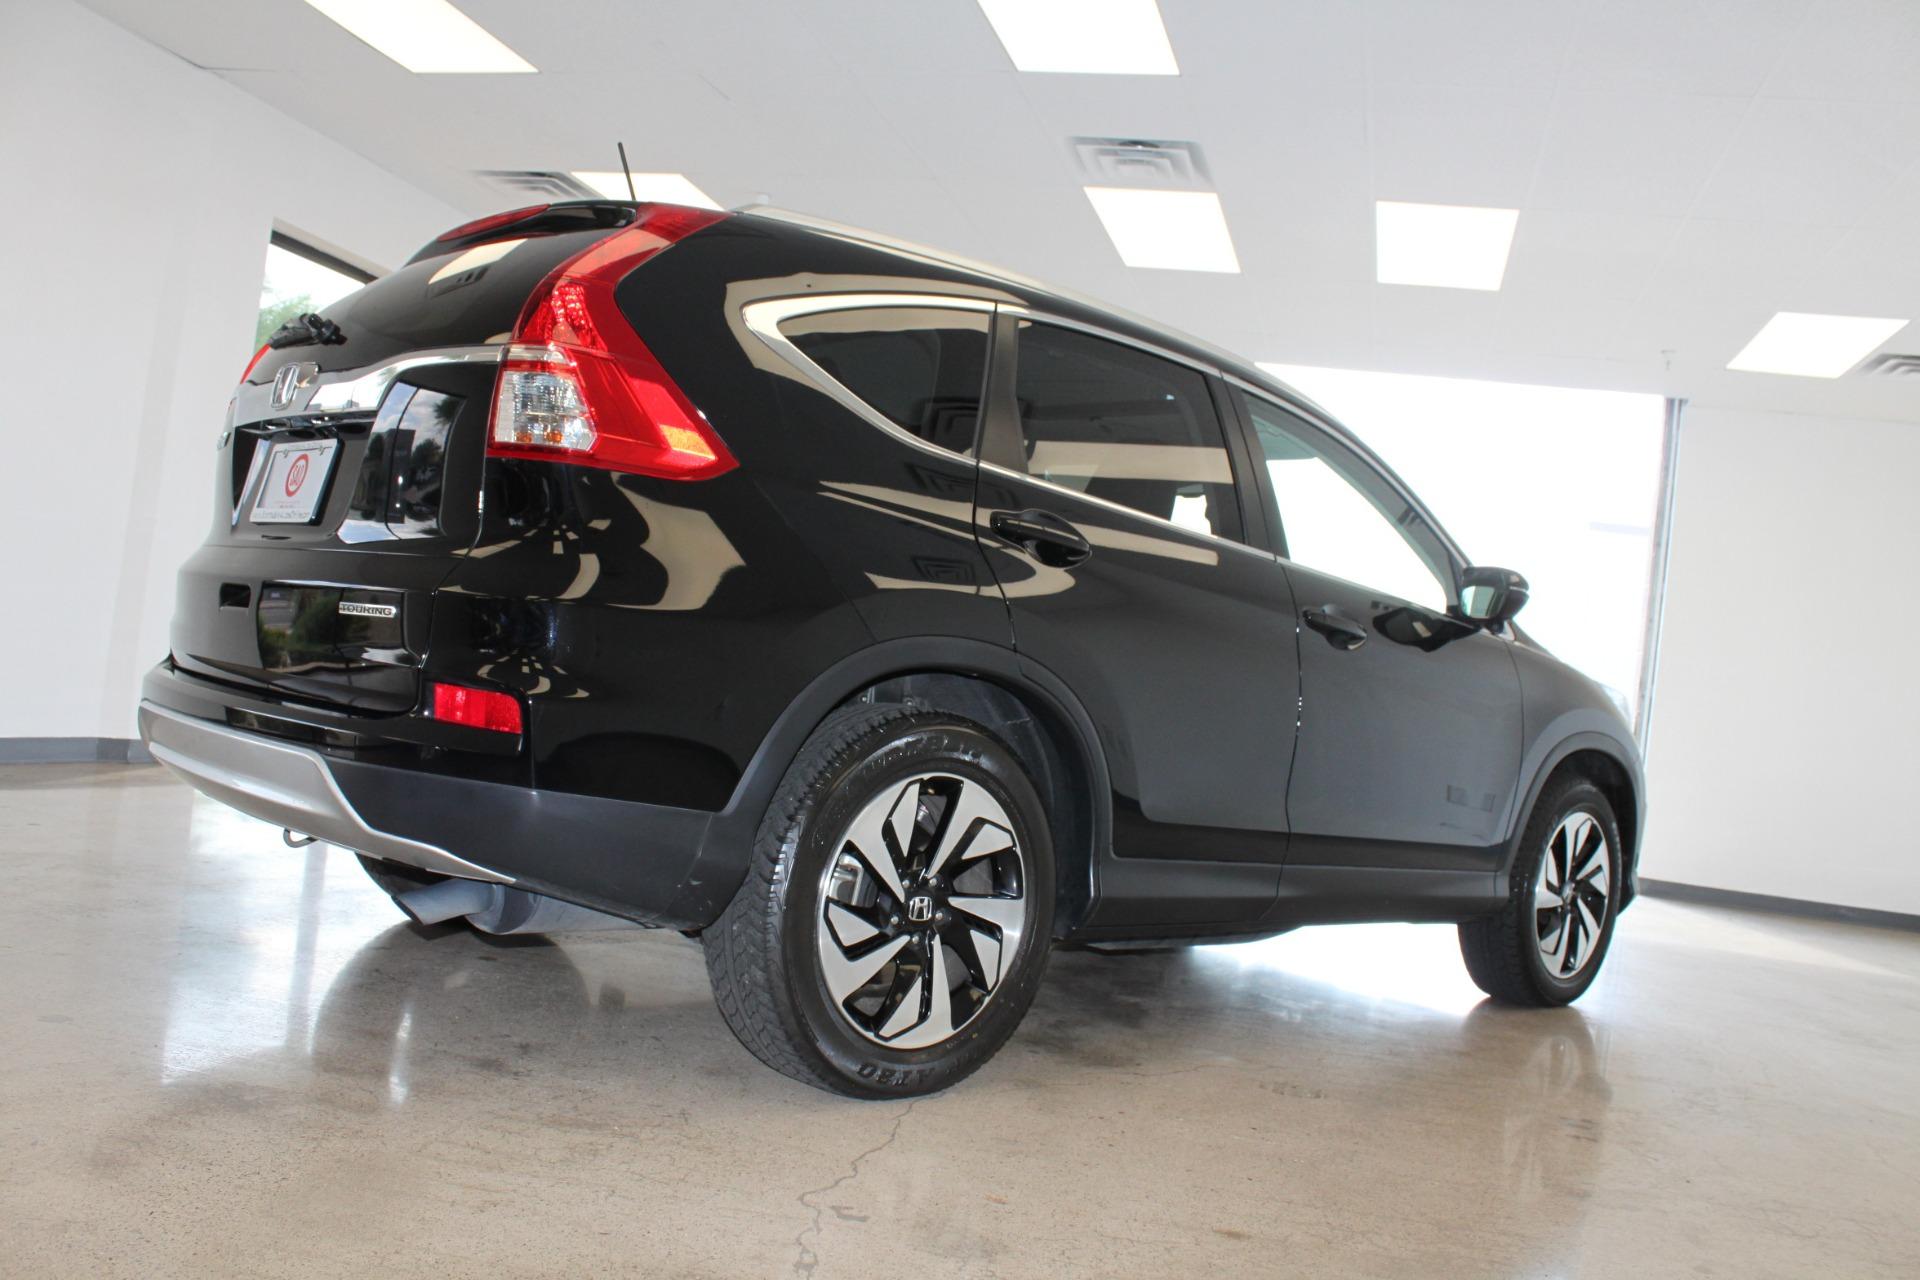 Used-2016-Honda-CR-V-Touring-LS430